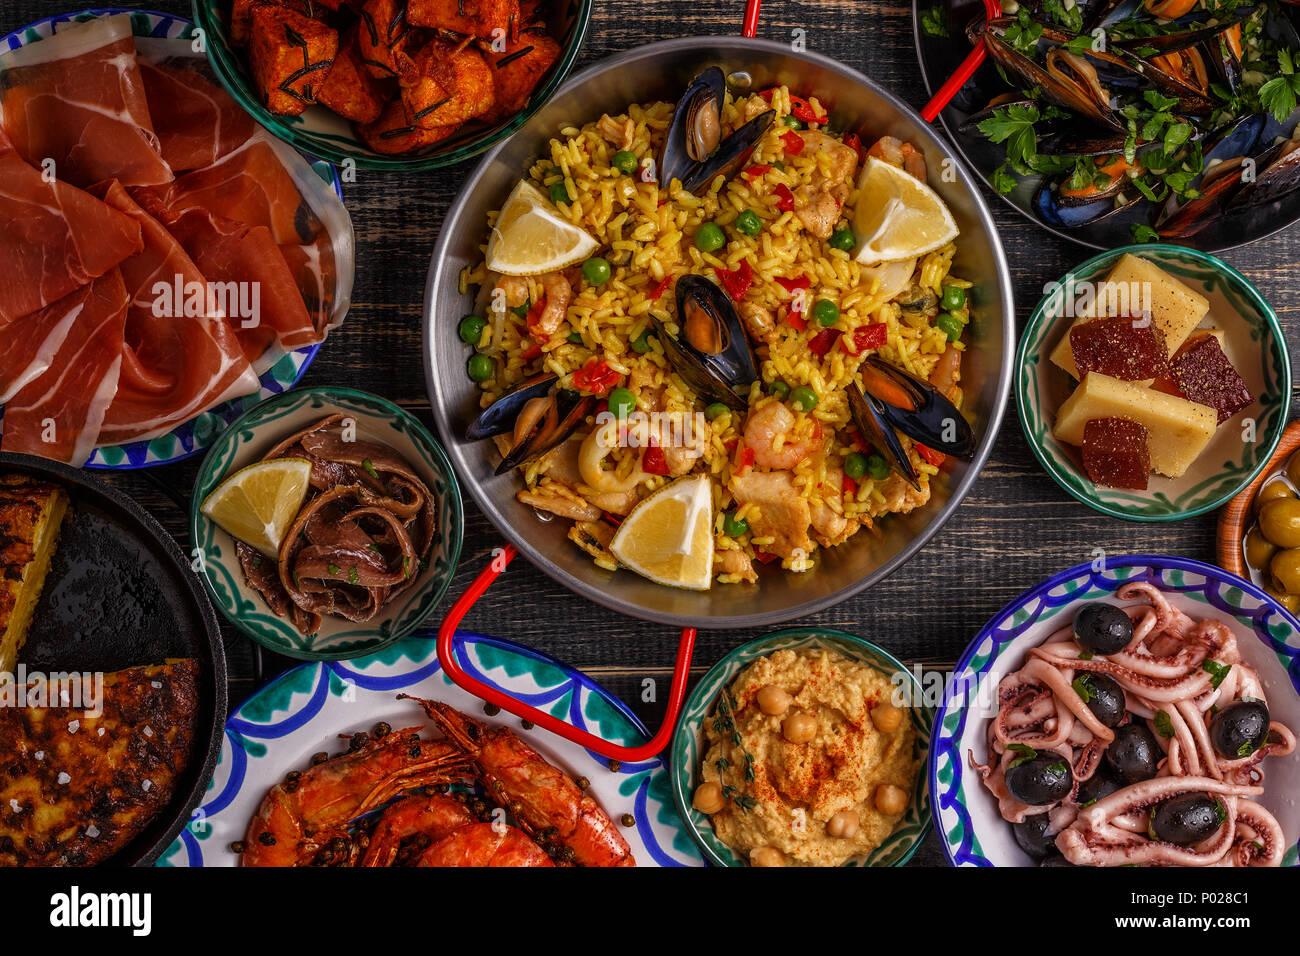 Typische spanische Tapas Konzept. Konzept gehören Scheiben jamon, Schüsseln mit Oliven, Sardellen, würzige Kartoffeln, pürierte Kichererbsen, Garnelen, Tintenfisch, der manche Stockbild